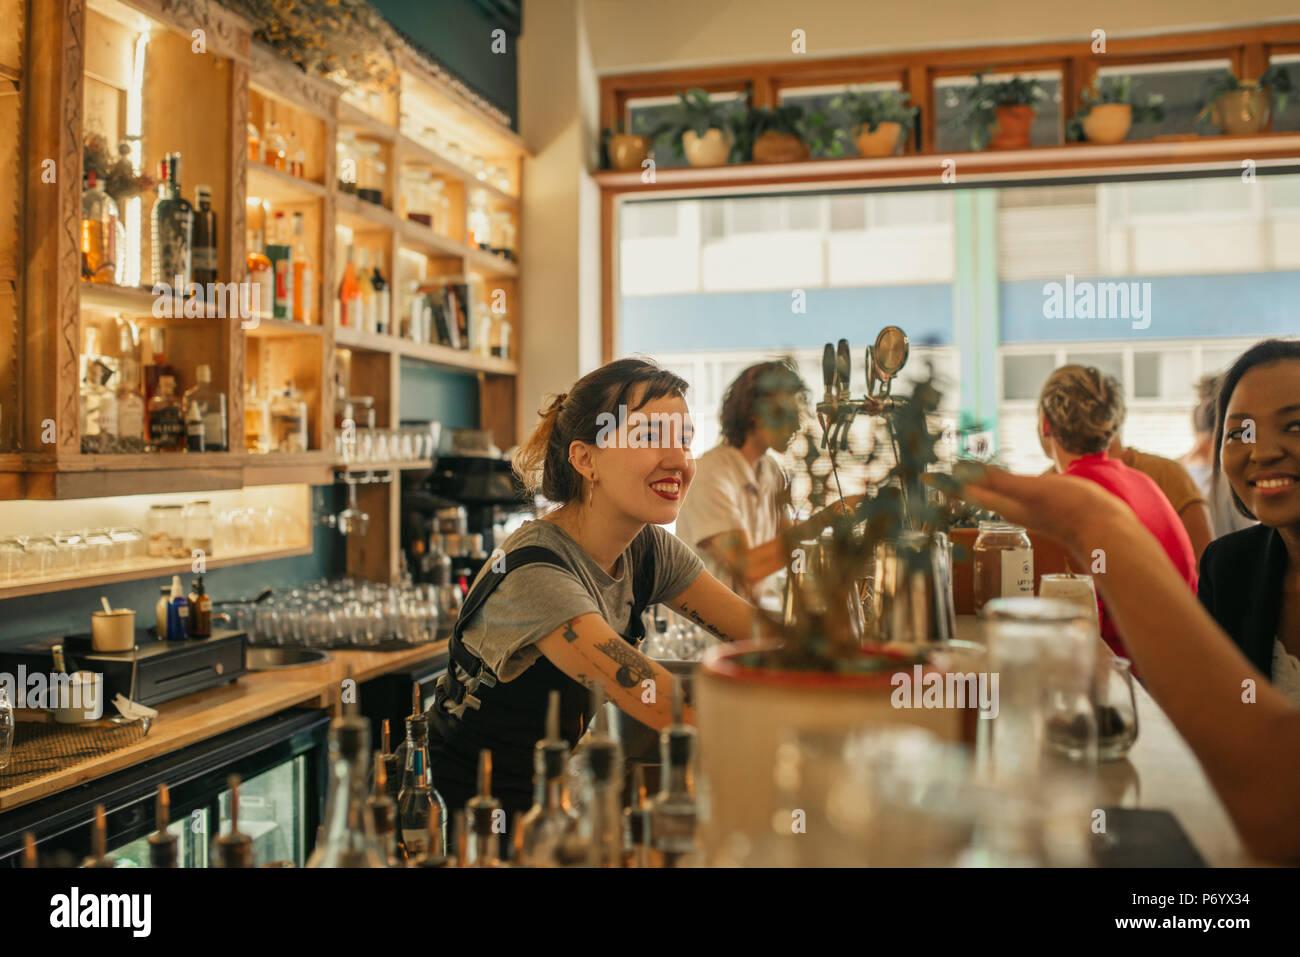 Mujer sonriente camarero, hablar con los clientes en un mostrador de bar Imagen De Stock